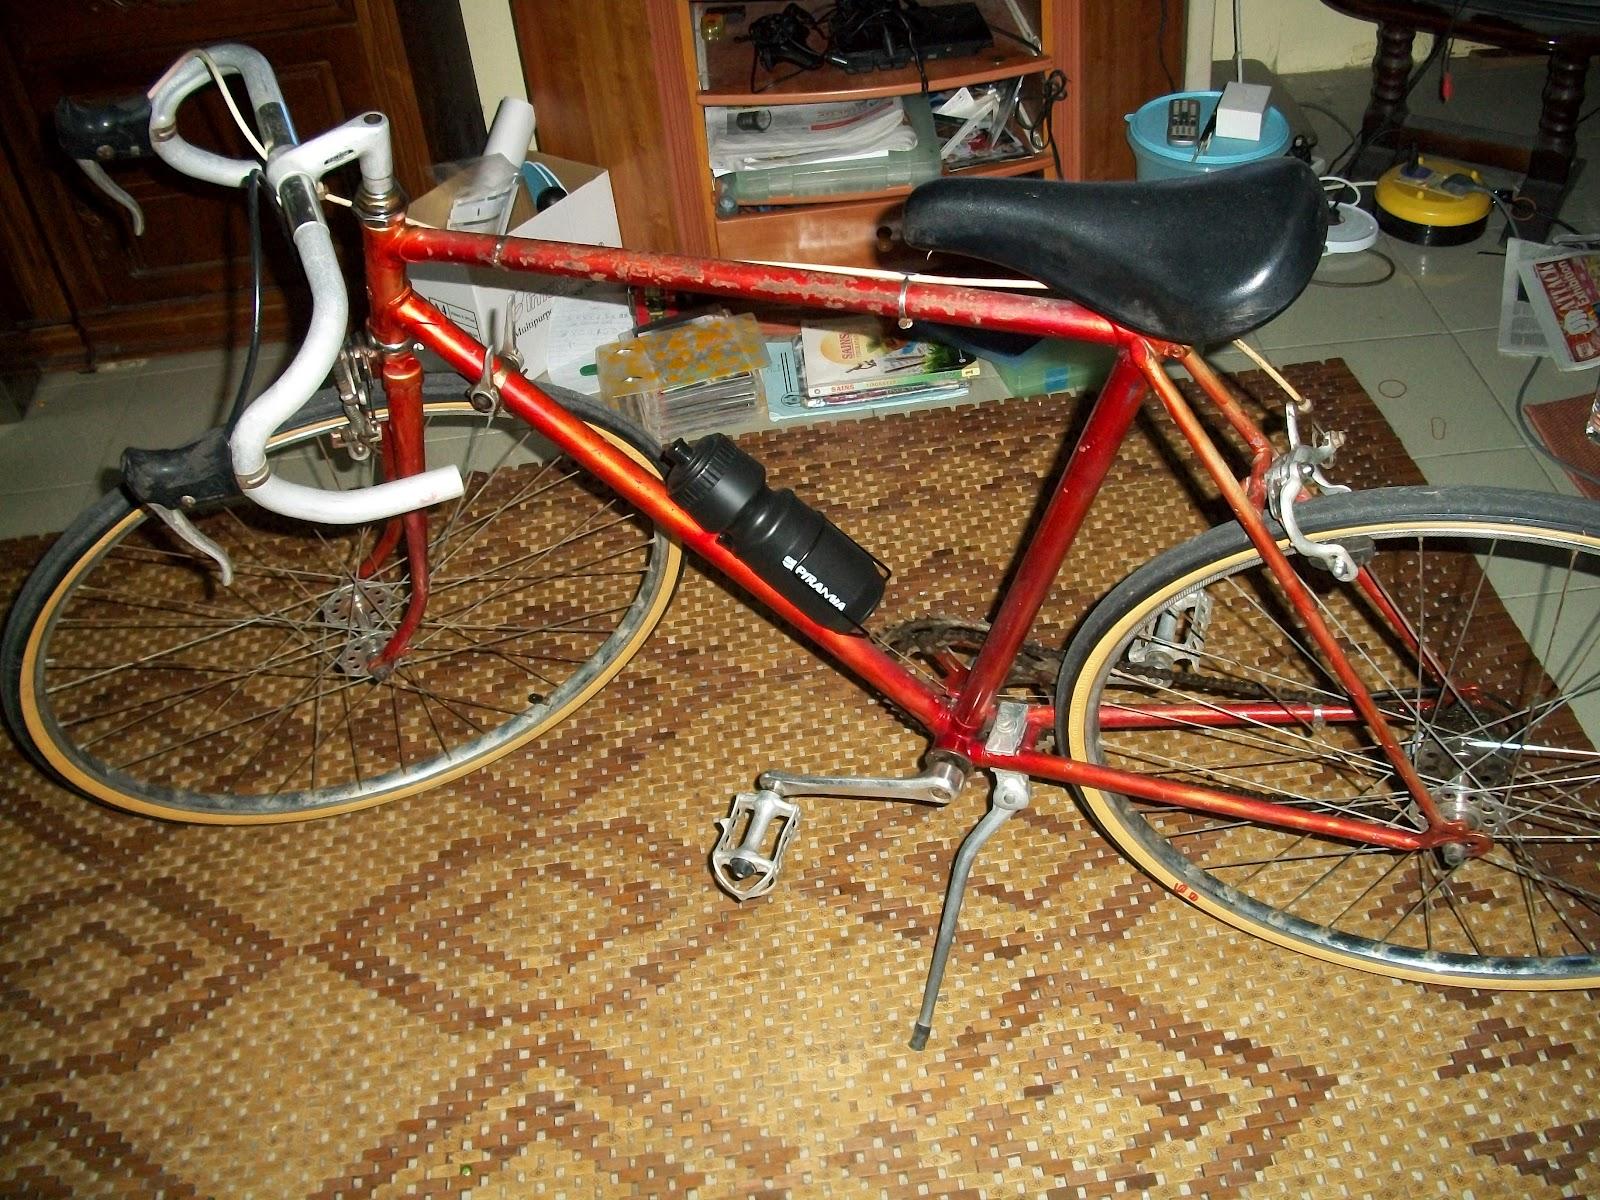 Vintage raleigh bicycle repair